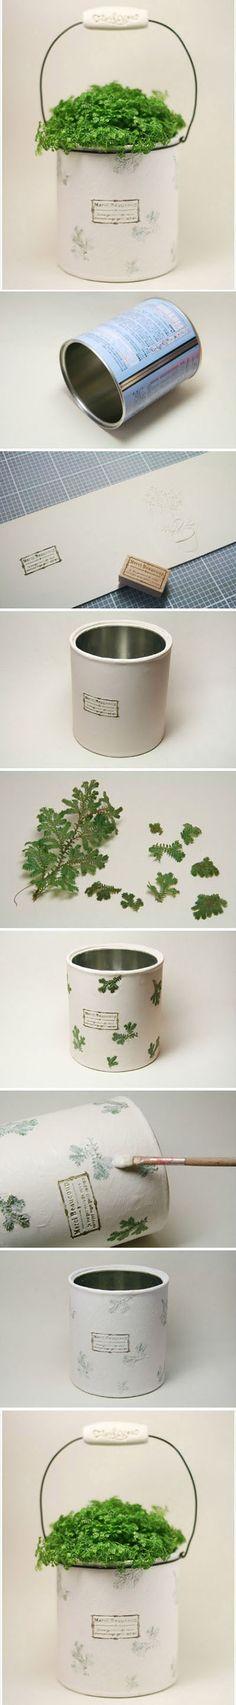 Diy Easy Bonsai | DIY & Crafts Tutorials